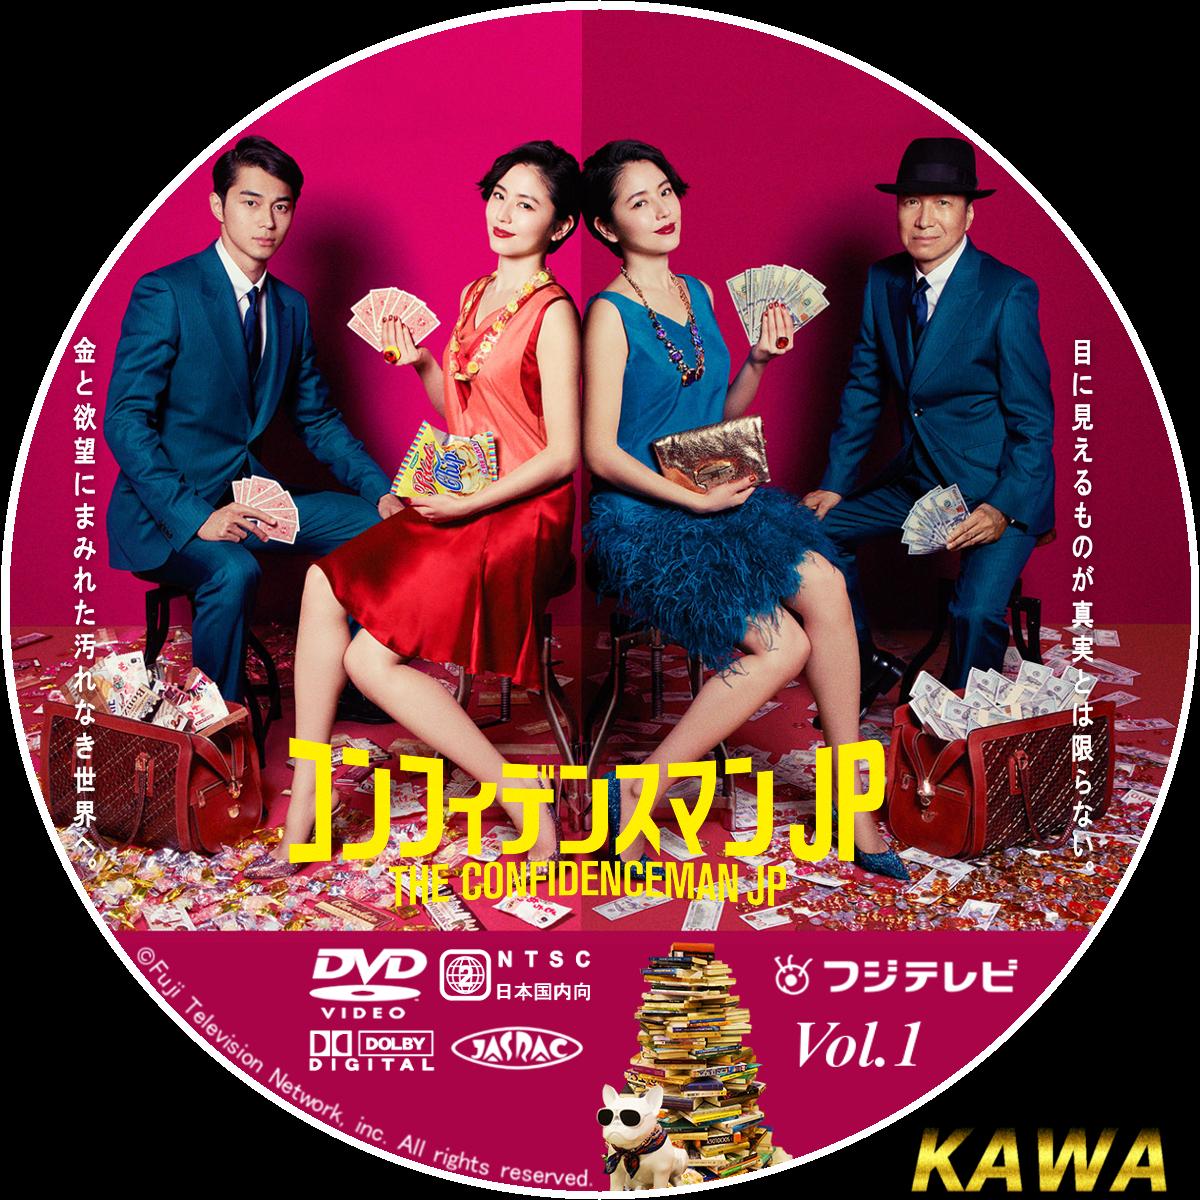 マン 映画 dvd jp コンフィデンス 映画『コンフィデンスマン JP』Blu